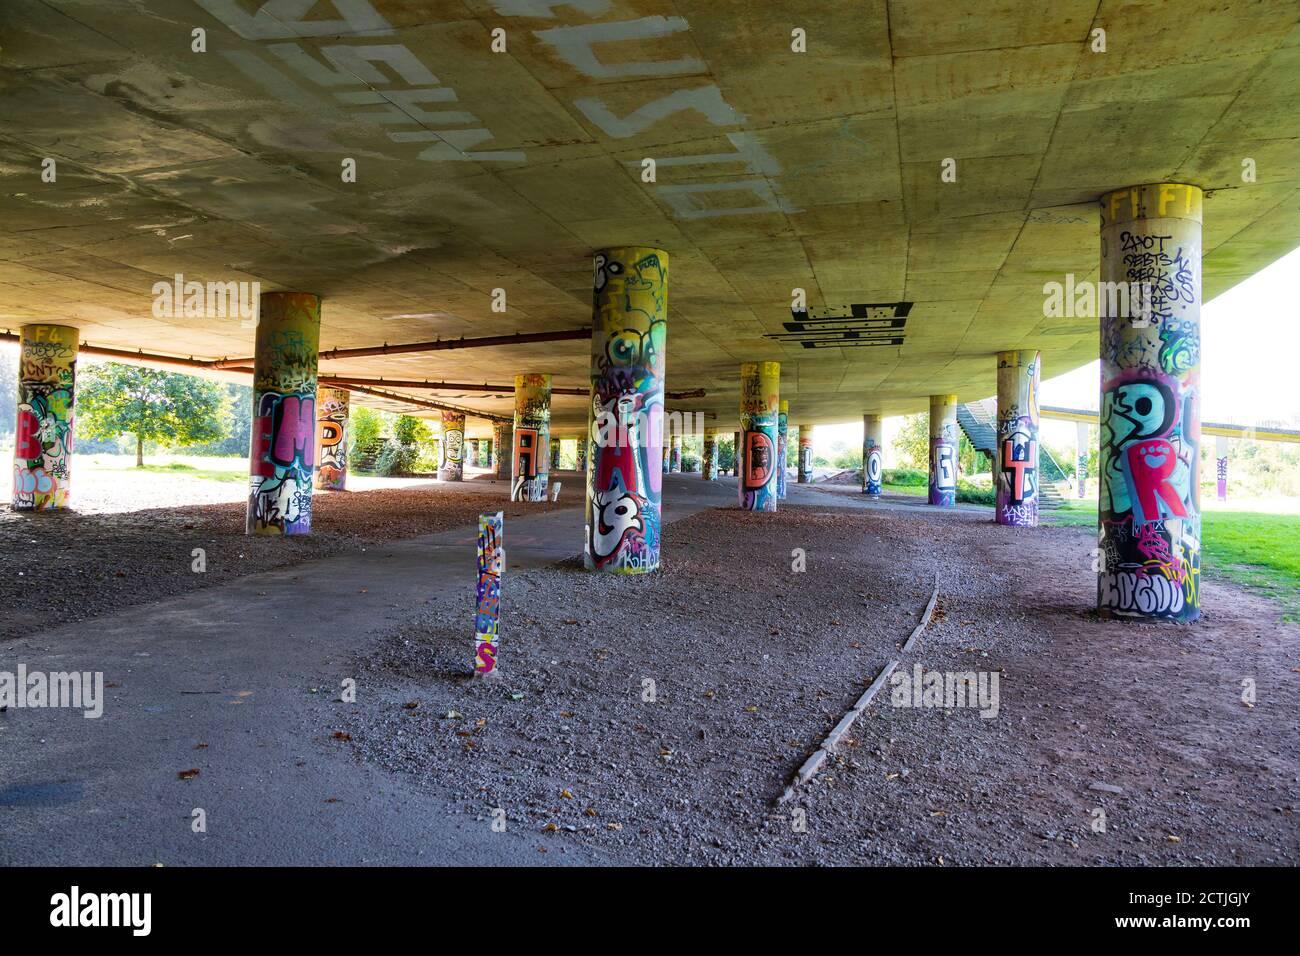 Colonnes de soutien graffitiées sous le pont de la route Brunel Way, A3029. Bristol, Angleterre. Septembre 2020 Banque D'Images